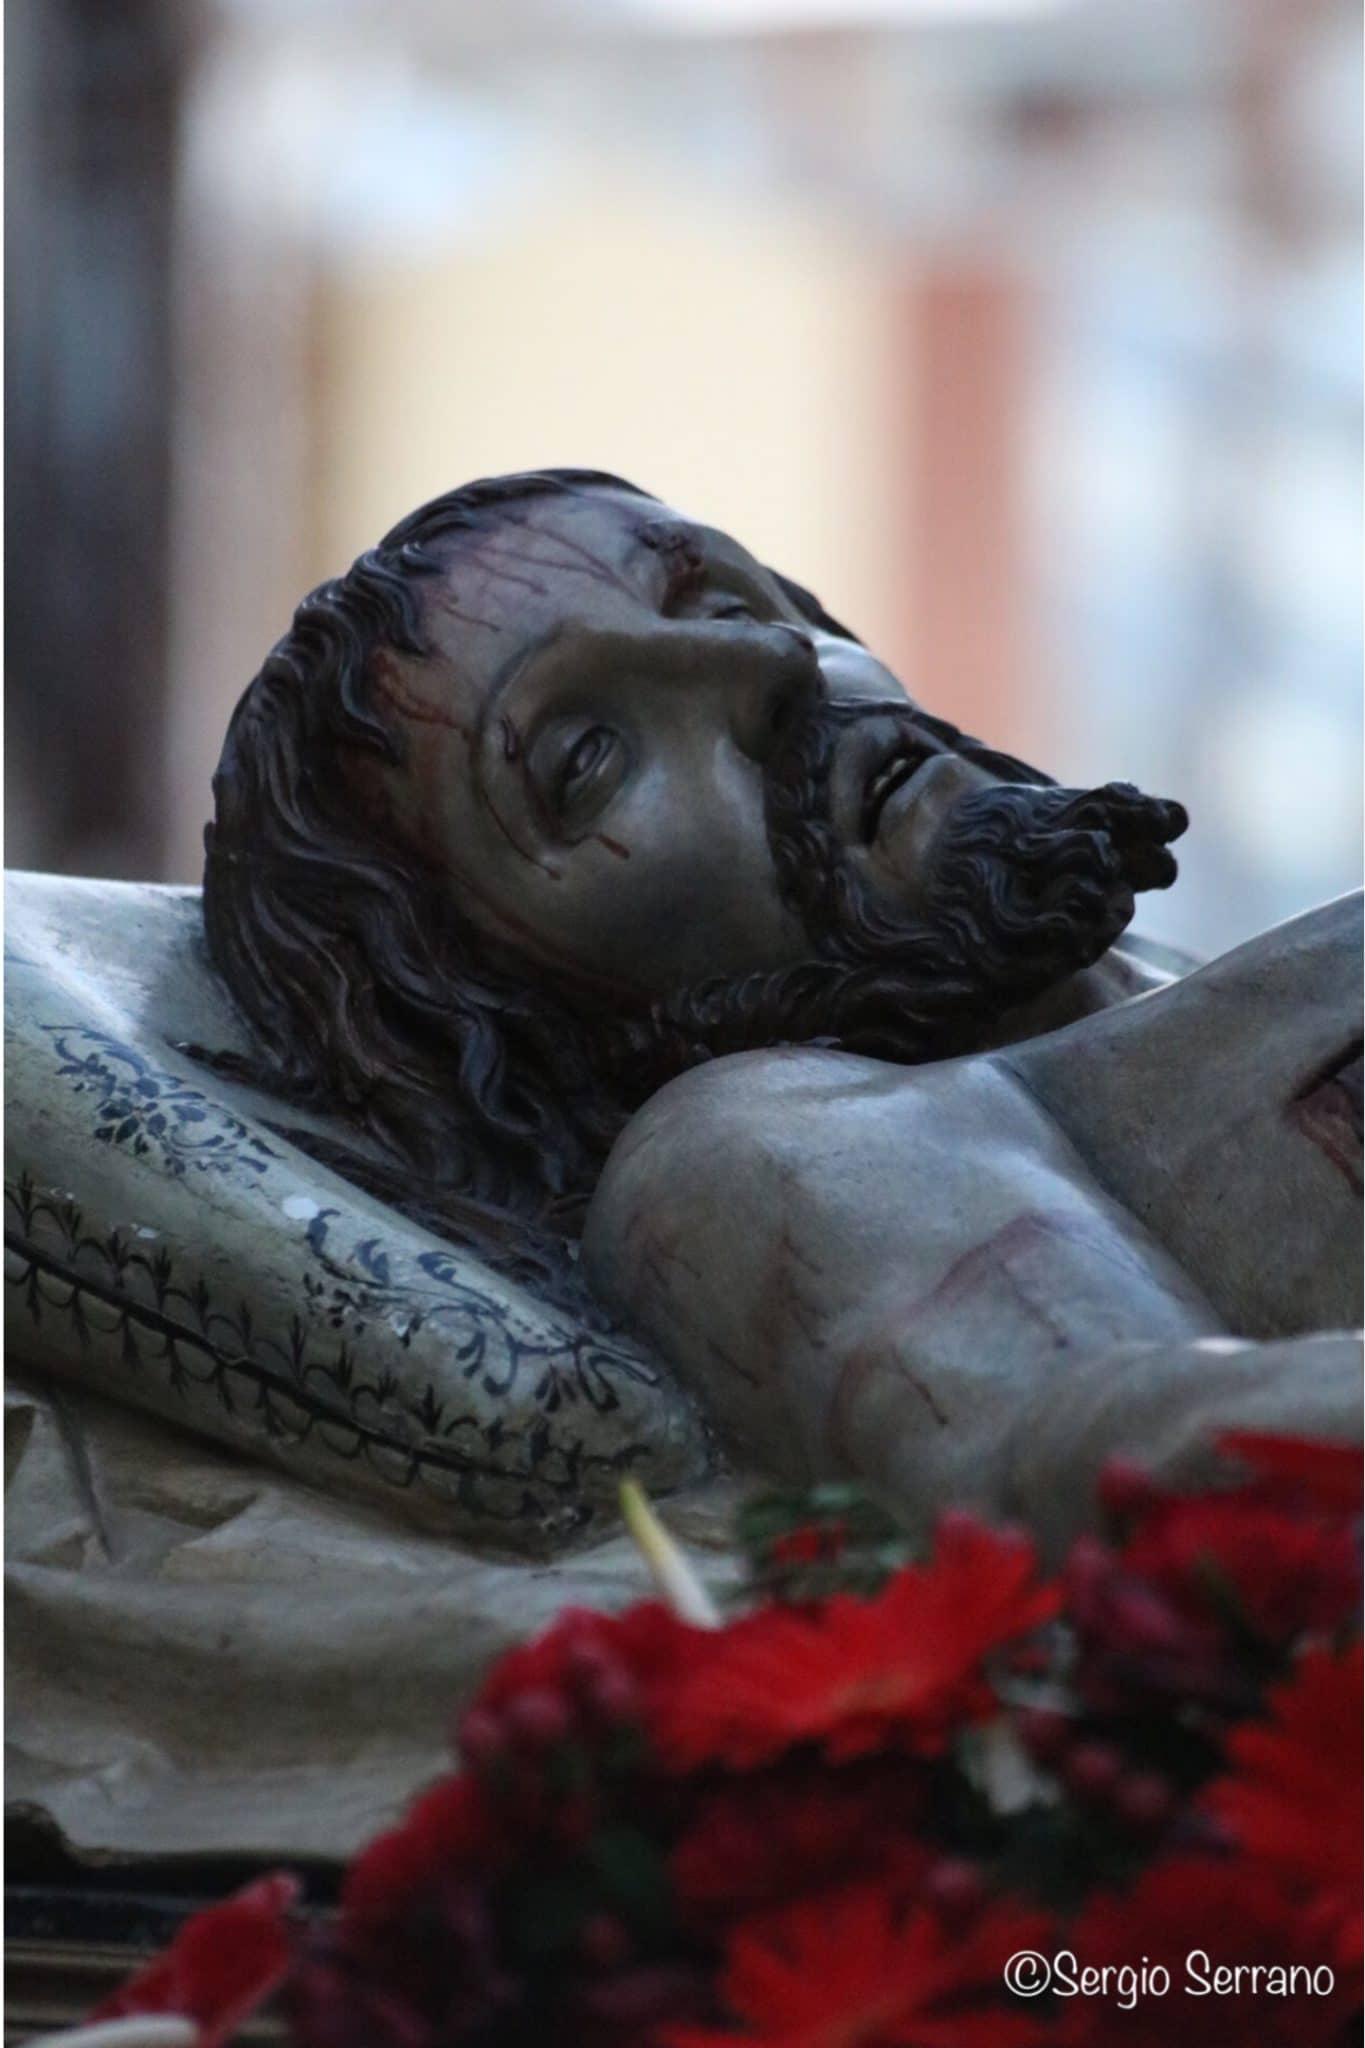 Semana Santa en Valladolid - Santo entierro de Cristo